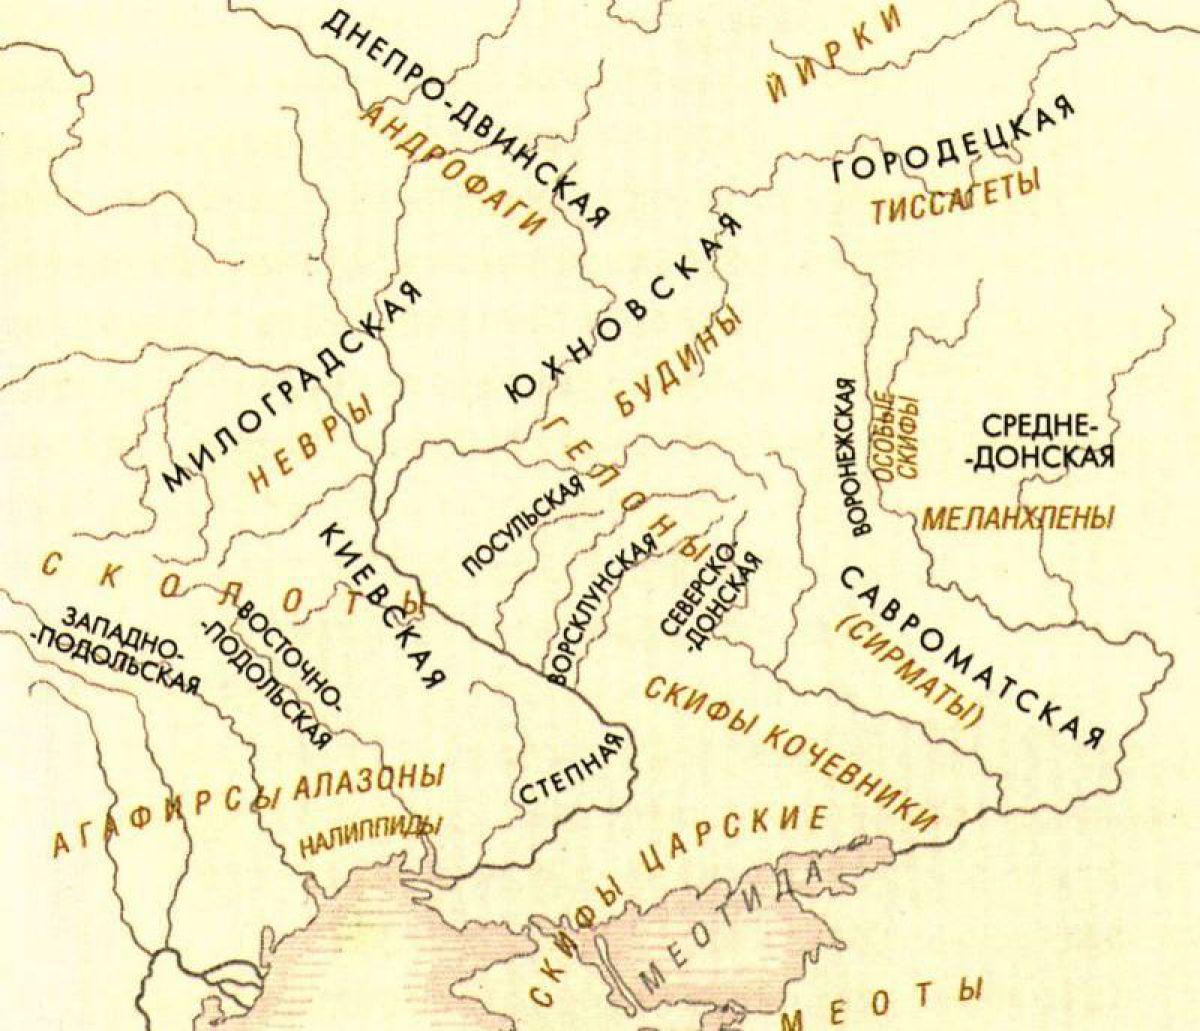 Люди-оборотни невры - предки белорусов и литовцев